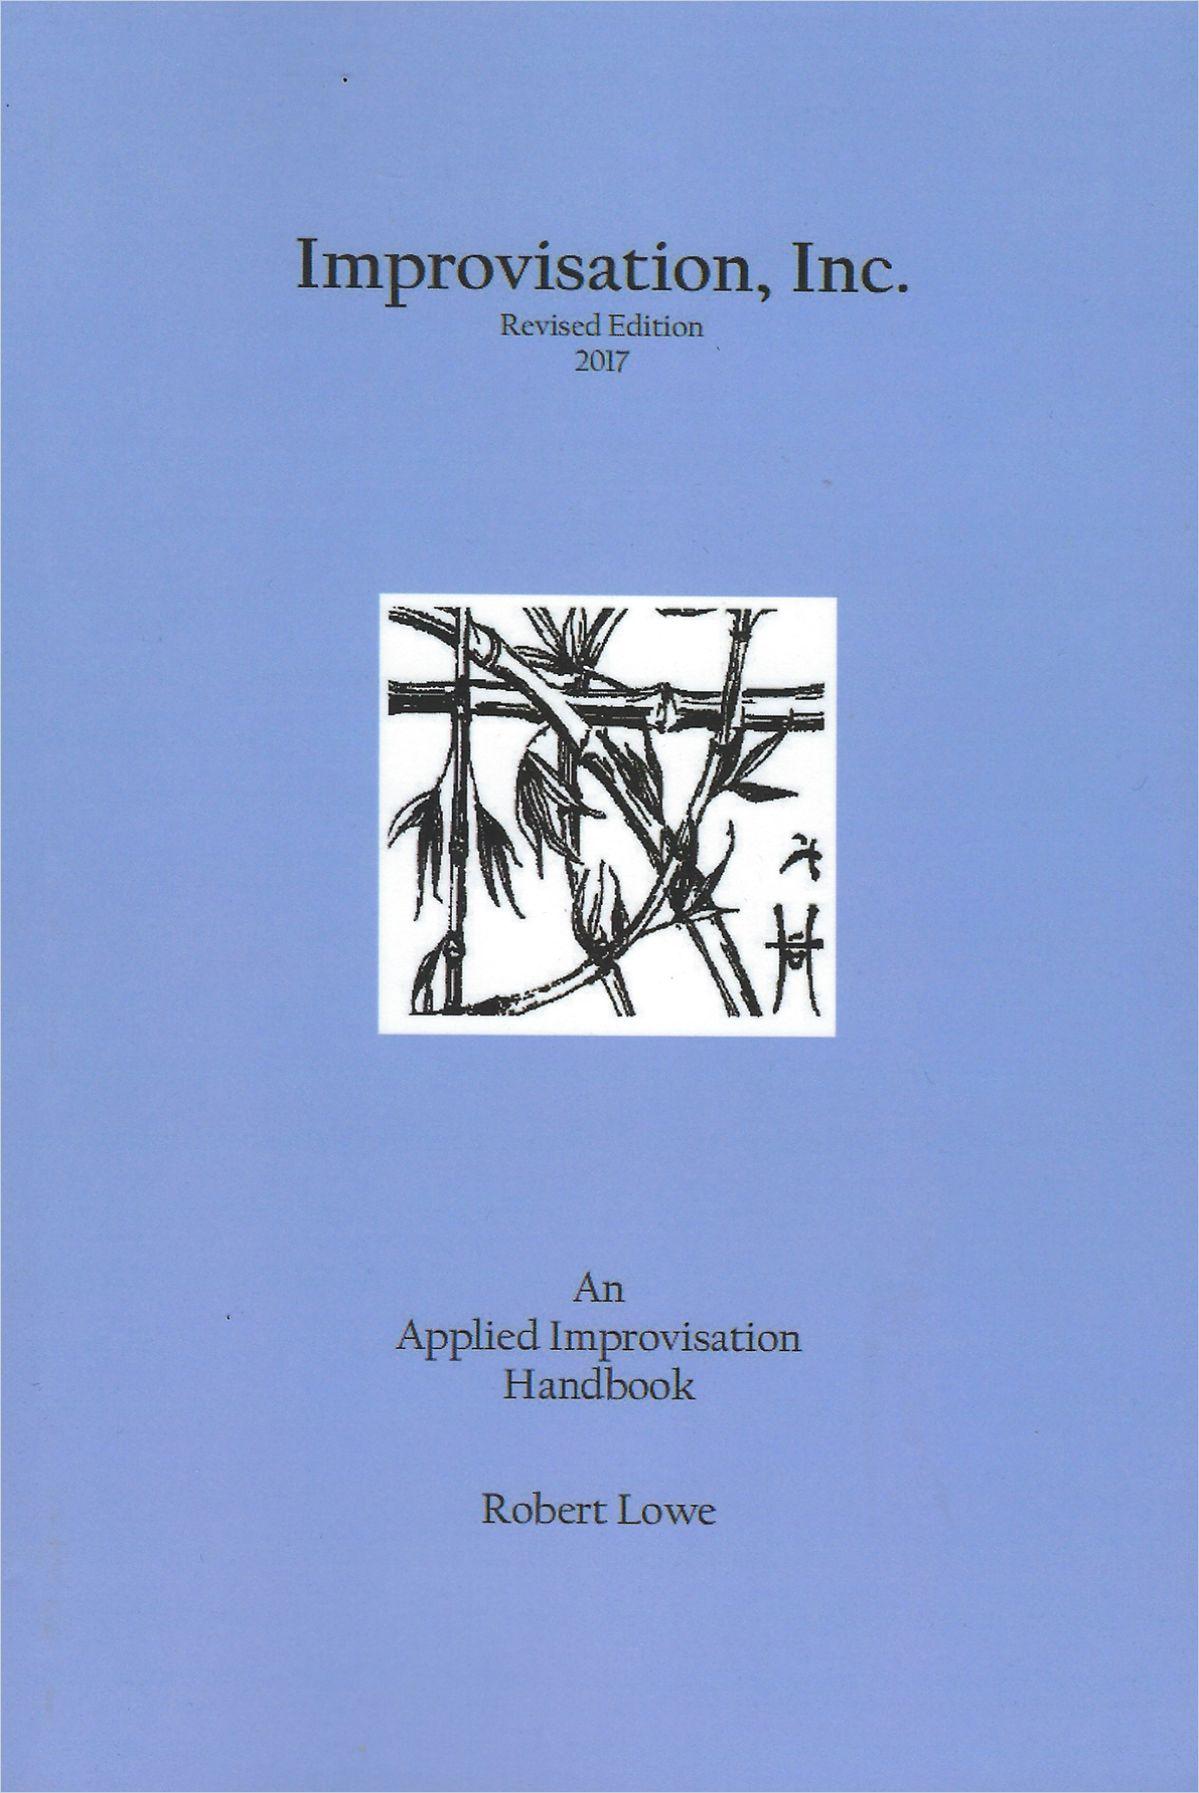 Image of: Improvisation, Inc.